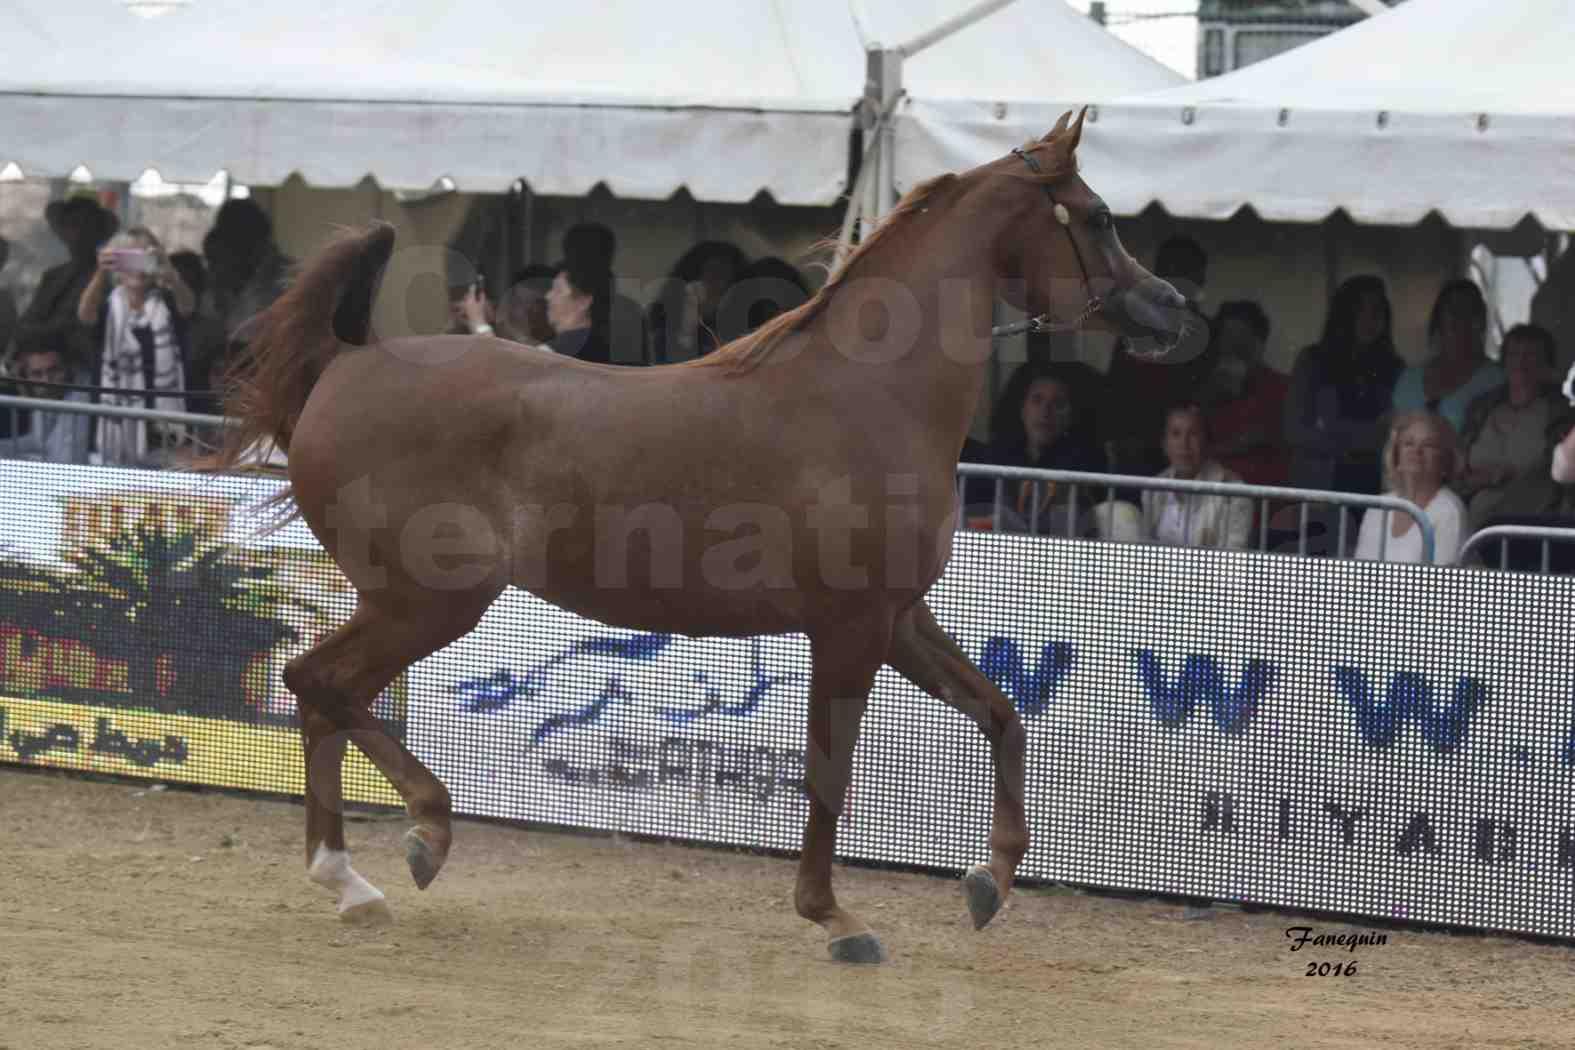 Championnat du pur-sang arabe de la Méditerranée et des pays arabes - MENTON 2016 - FARAH AL SHAQAB - Notre Sélection - 04